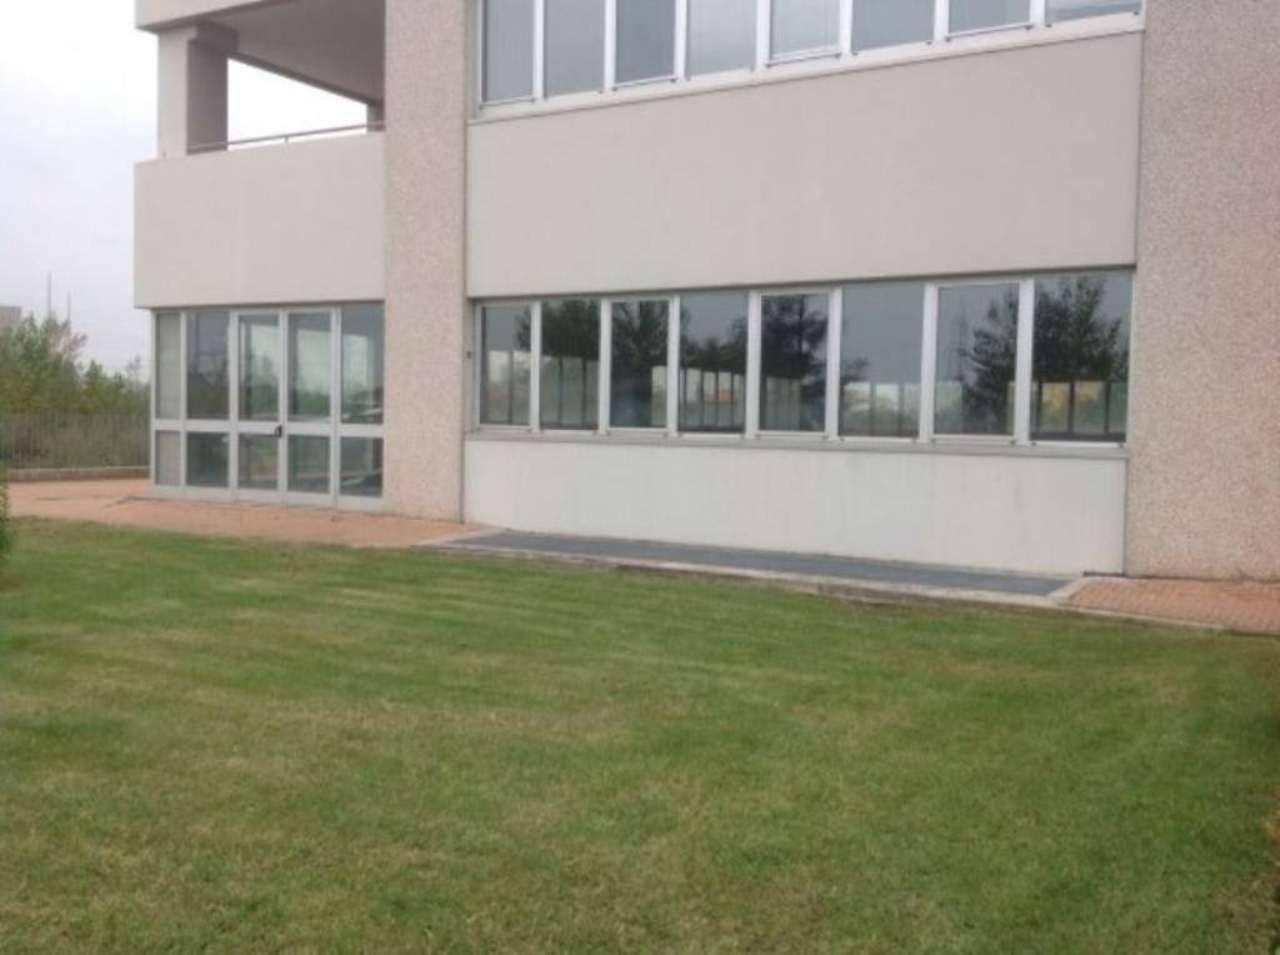 Negozio / Locale in affitto a Moncalieri, 2 locali, prezzo € 2.800 | CambioCasa.it